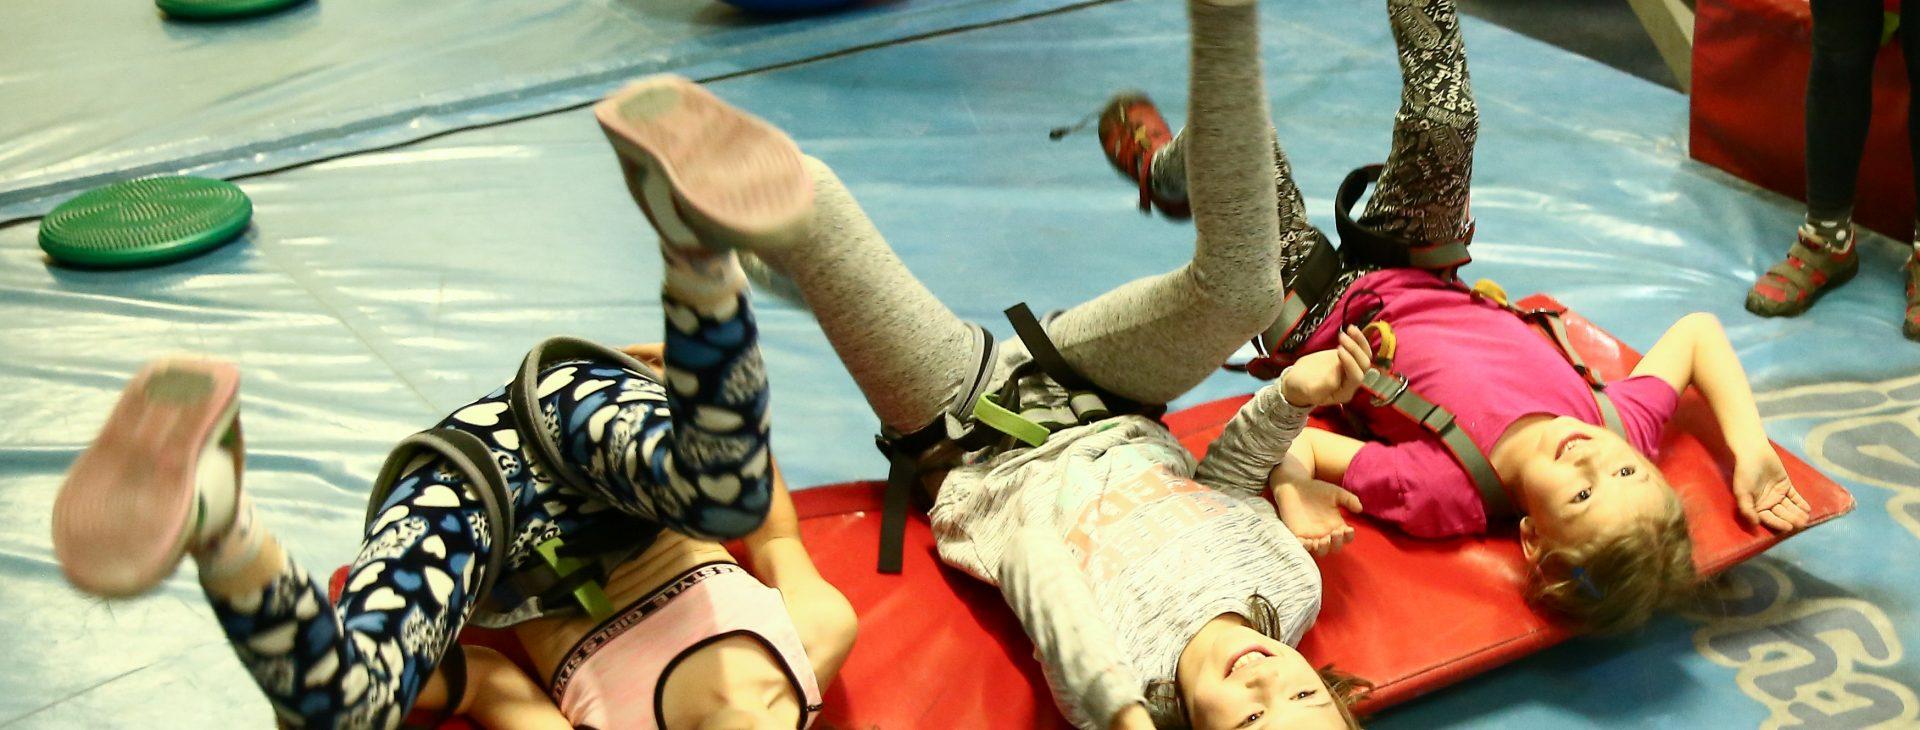 Trzy dziewczynki leżą na macie gimnastycznej i próbują zrobić fikołki